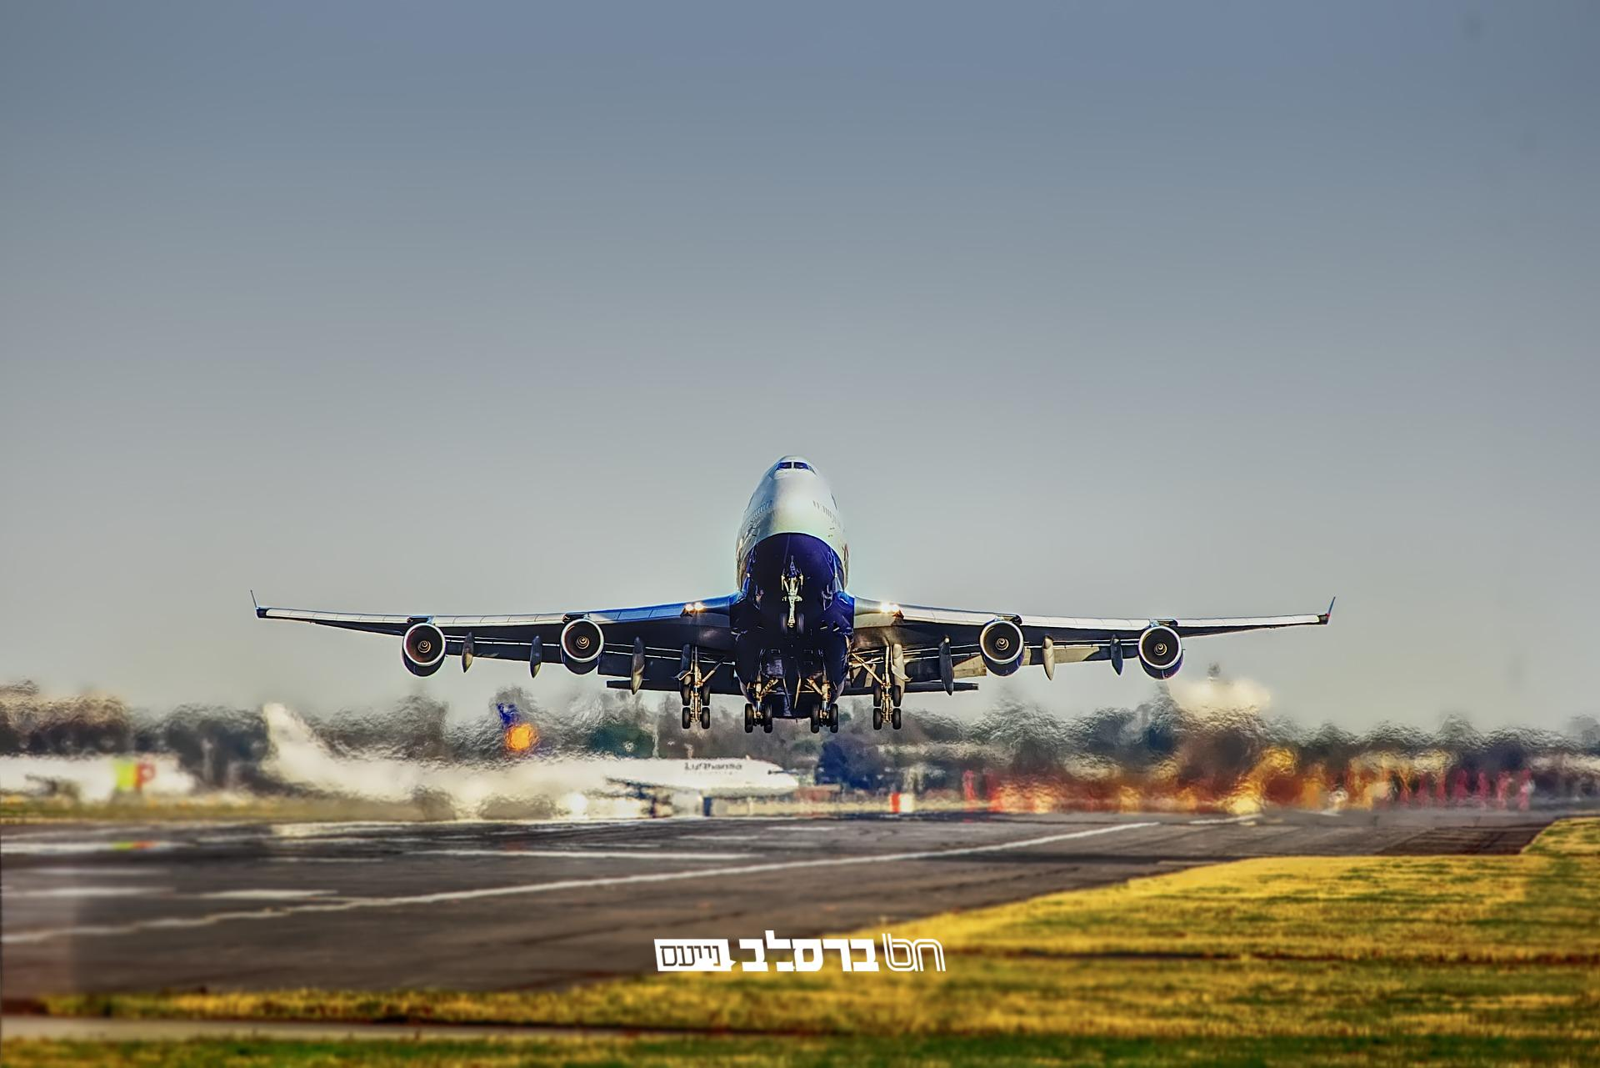 אוקראינה • מה התחדש בתחום הטיסות הבינלאומיות במדינה?